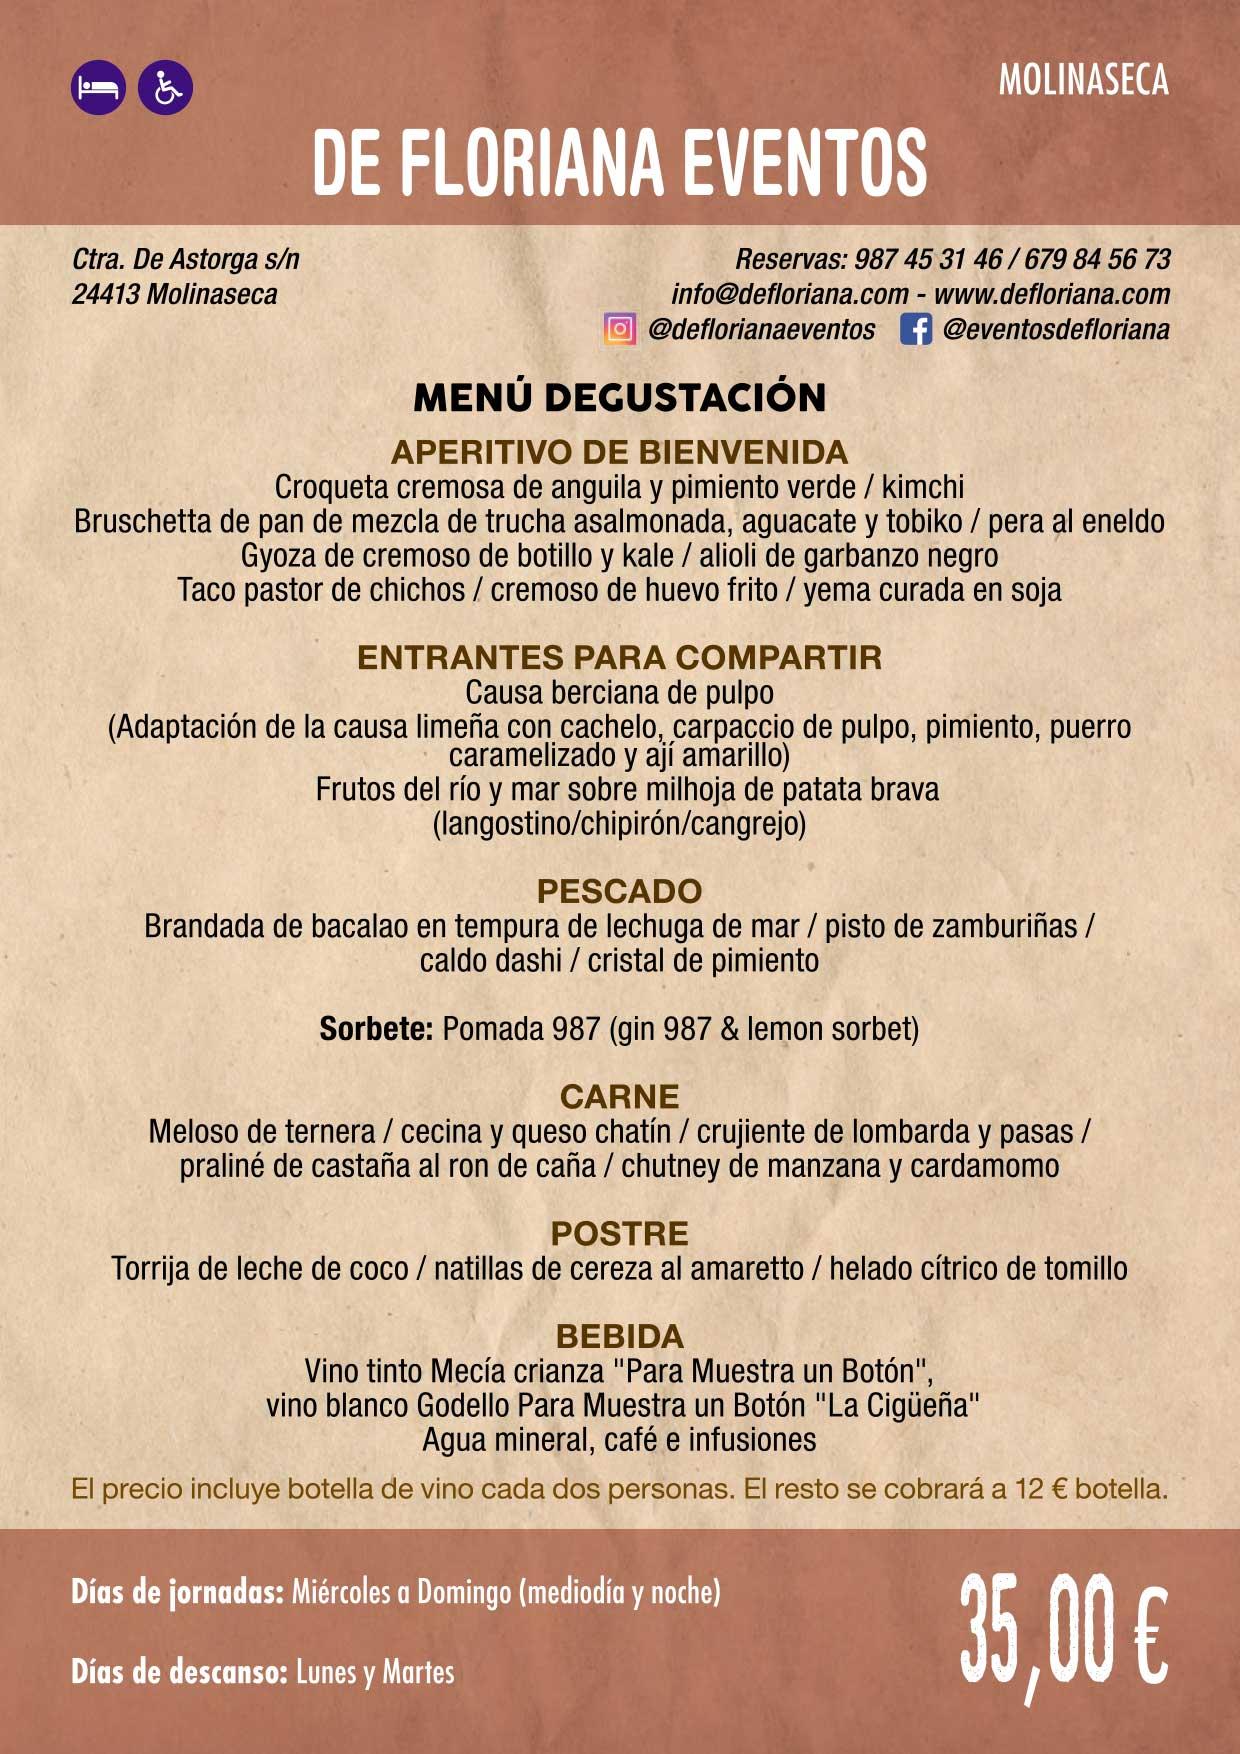 XXXVI Jornadas Gastronómicas De El Bierzo 2020. Consulta los restaurantes y menús 9